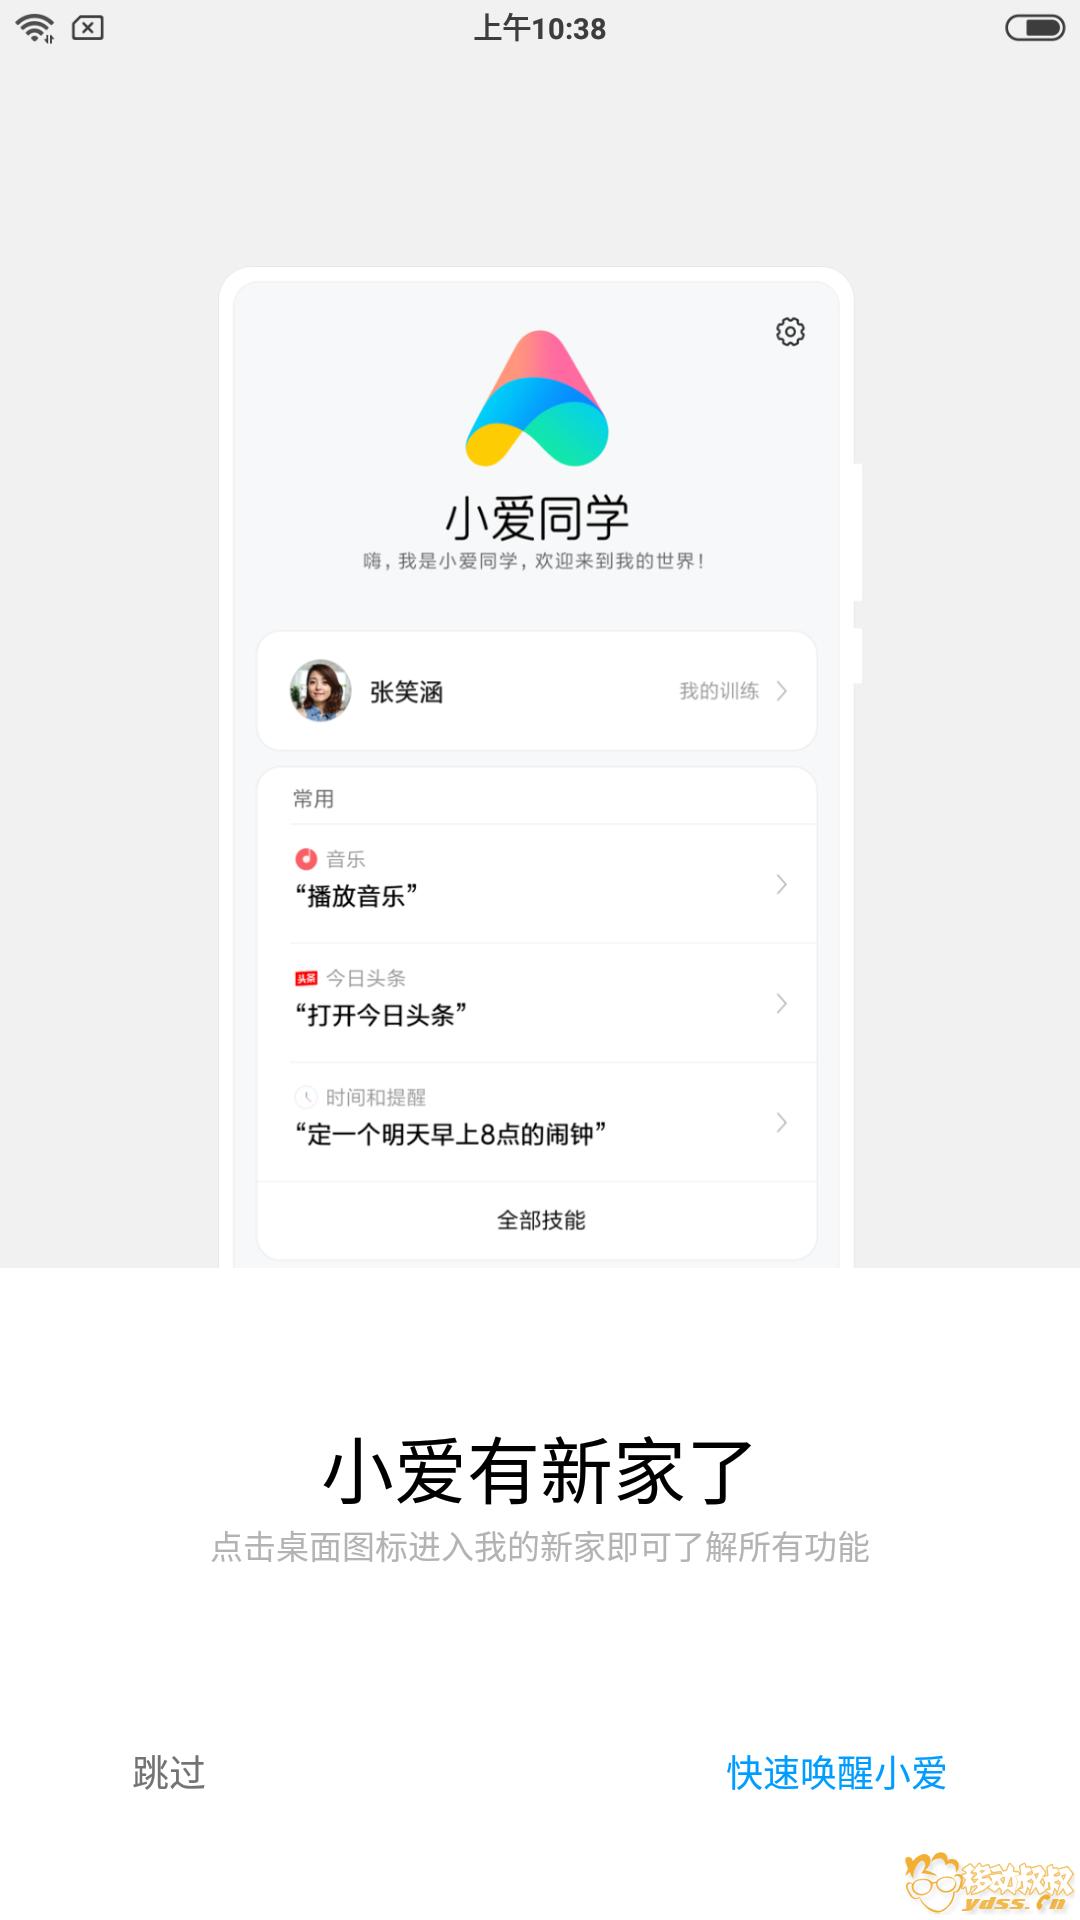 Screenshot_2018-08-10-10-38-26-299_com.miui.voiceassist.png